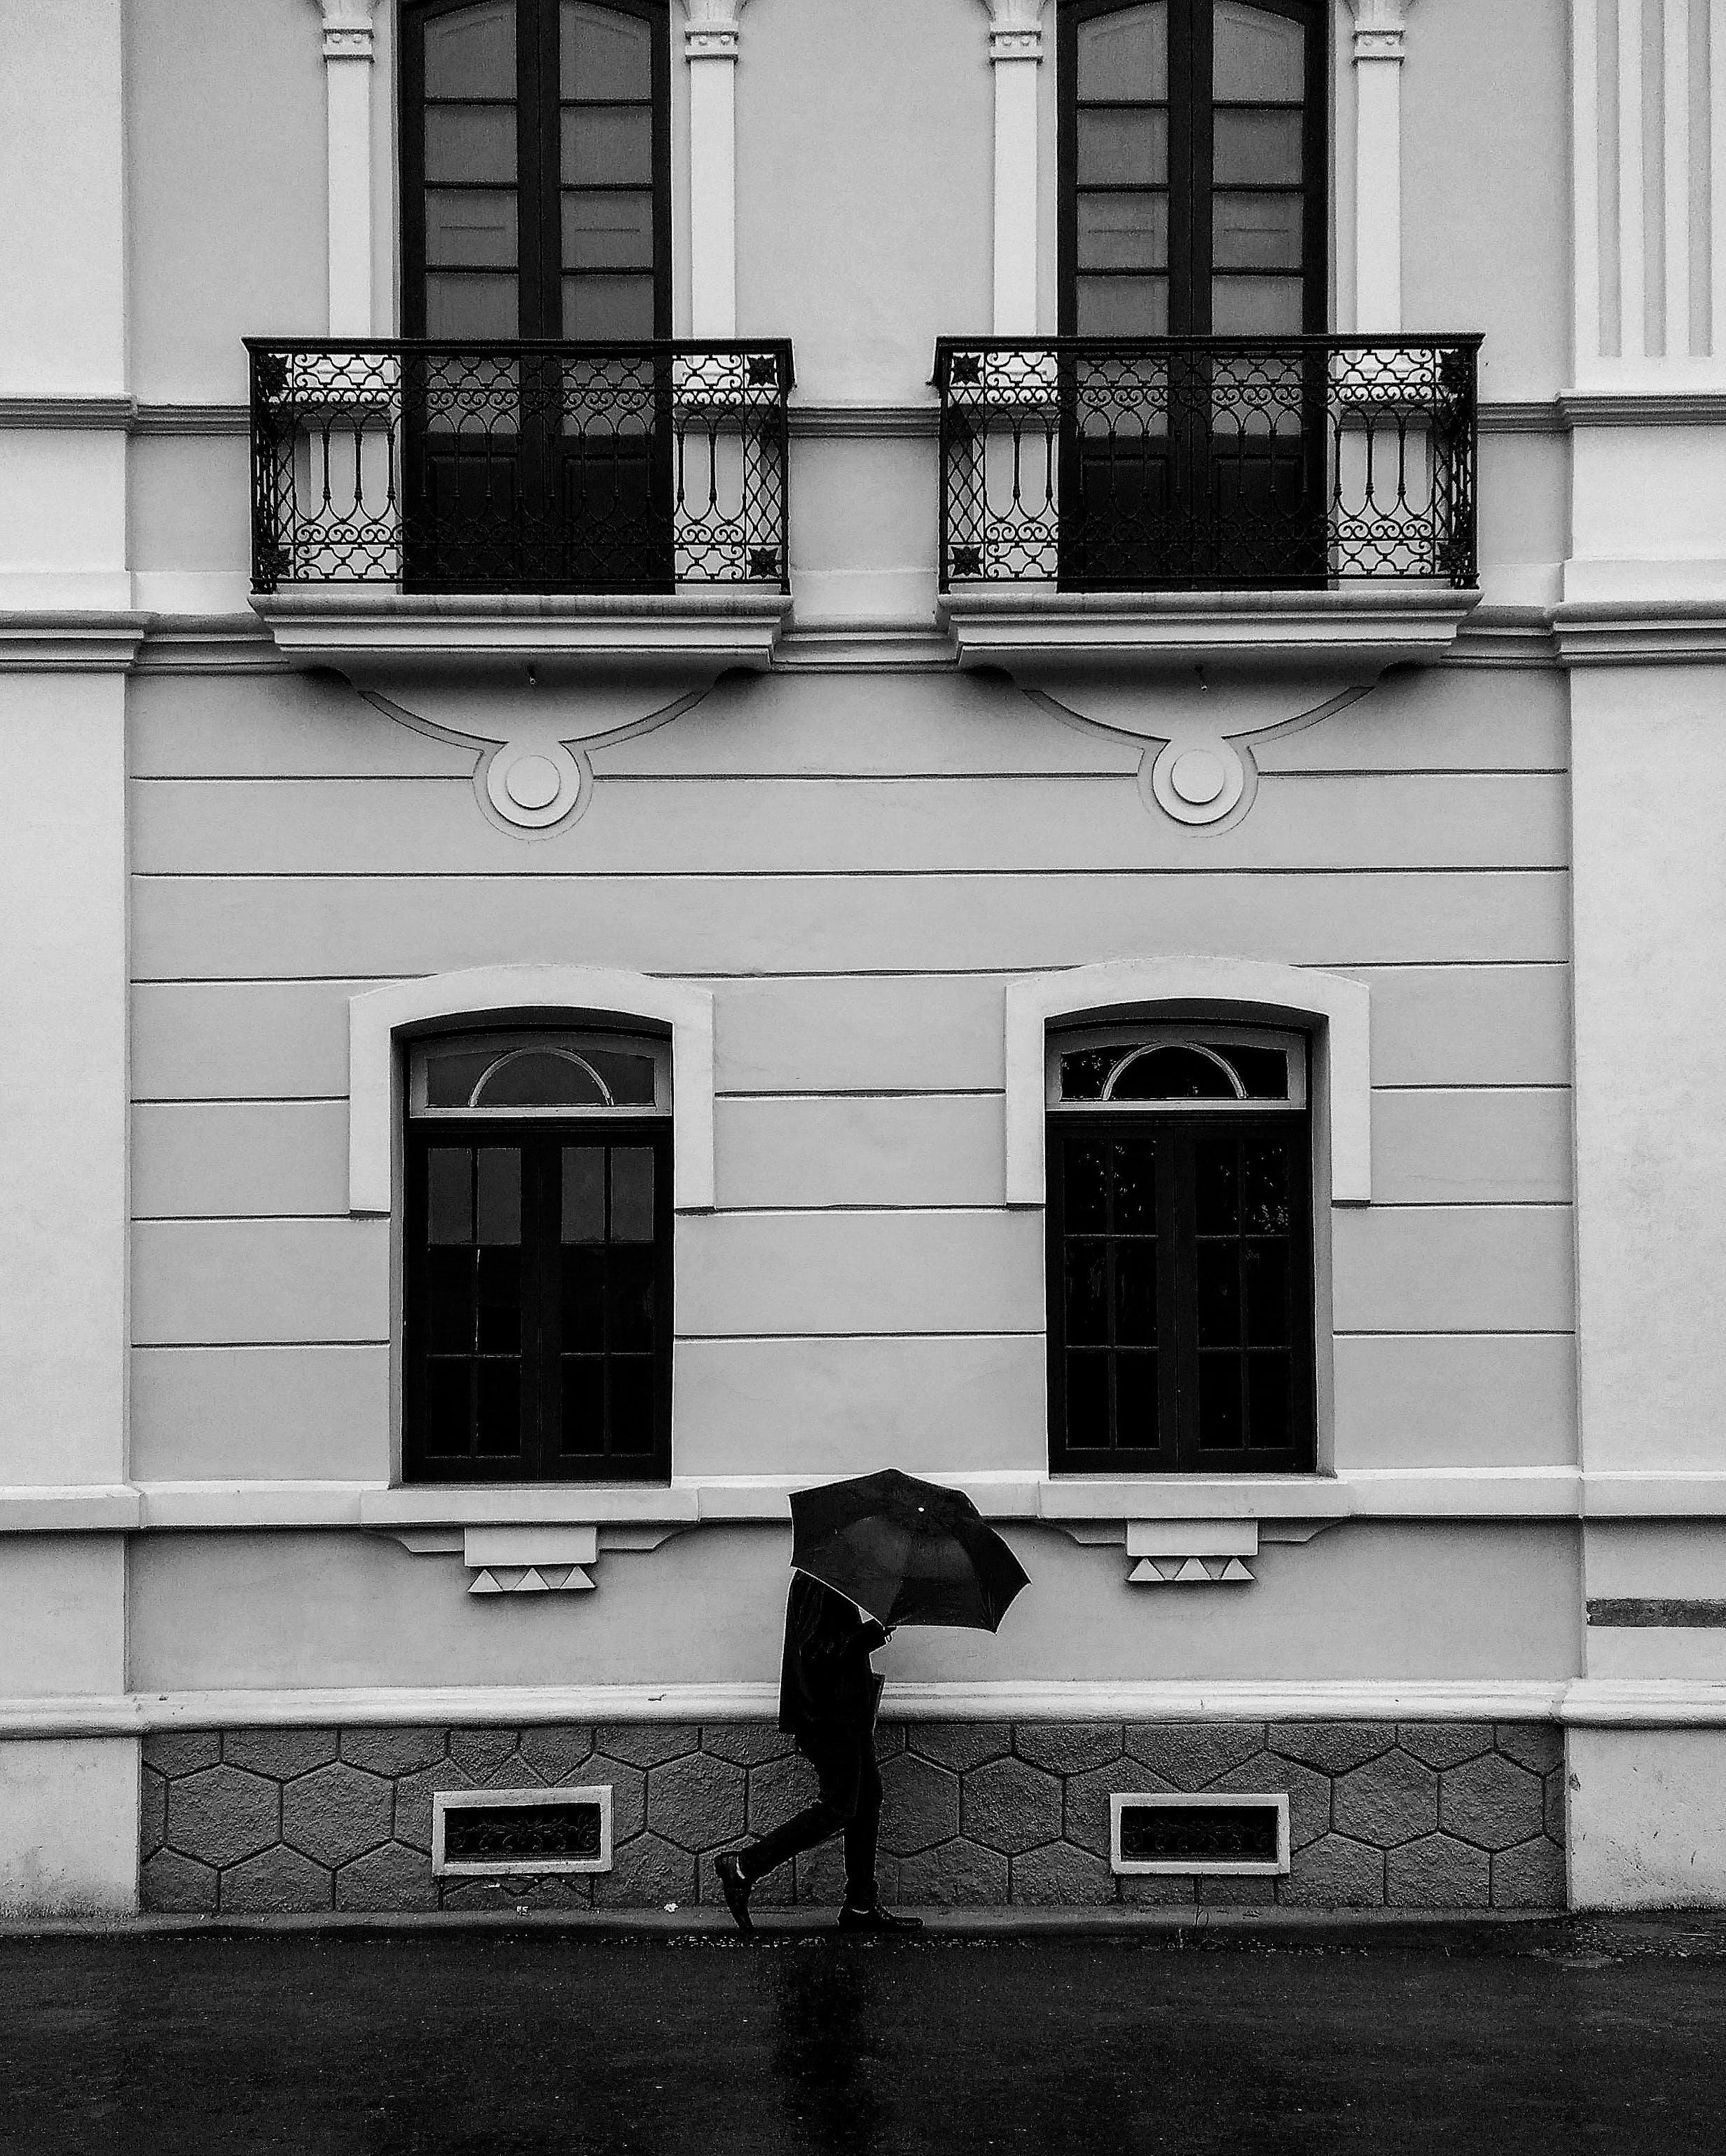 Kostenloses Stock Foto zu architektur, balkone, fenster, schwarz und weiß